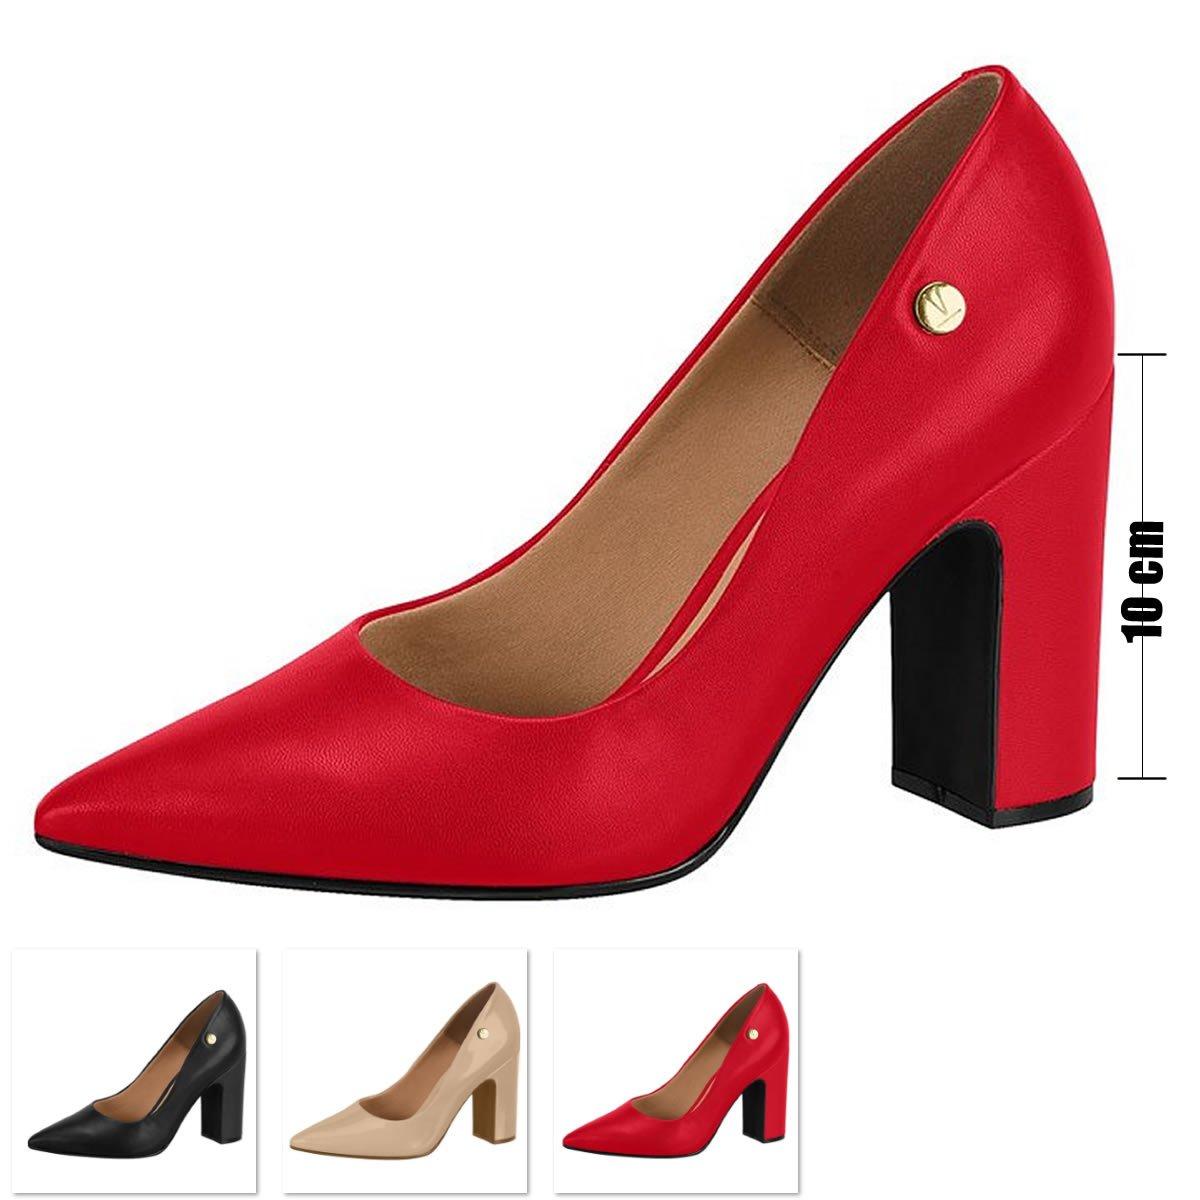 7c70d931e0 Sapato Salto Grosso Vizzano Verniz